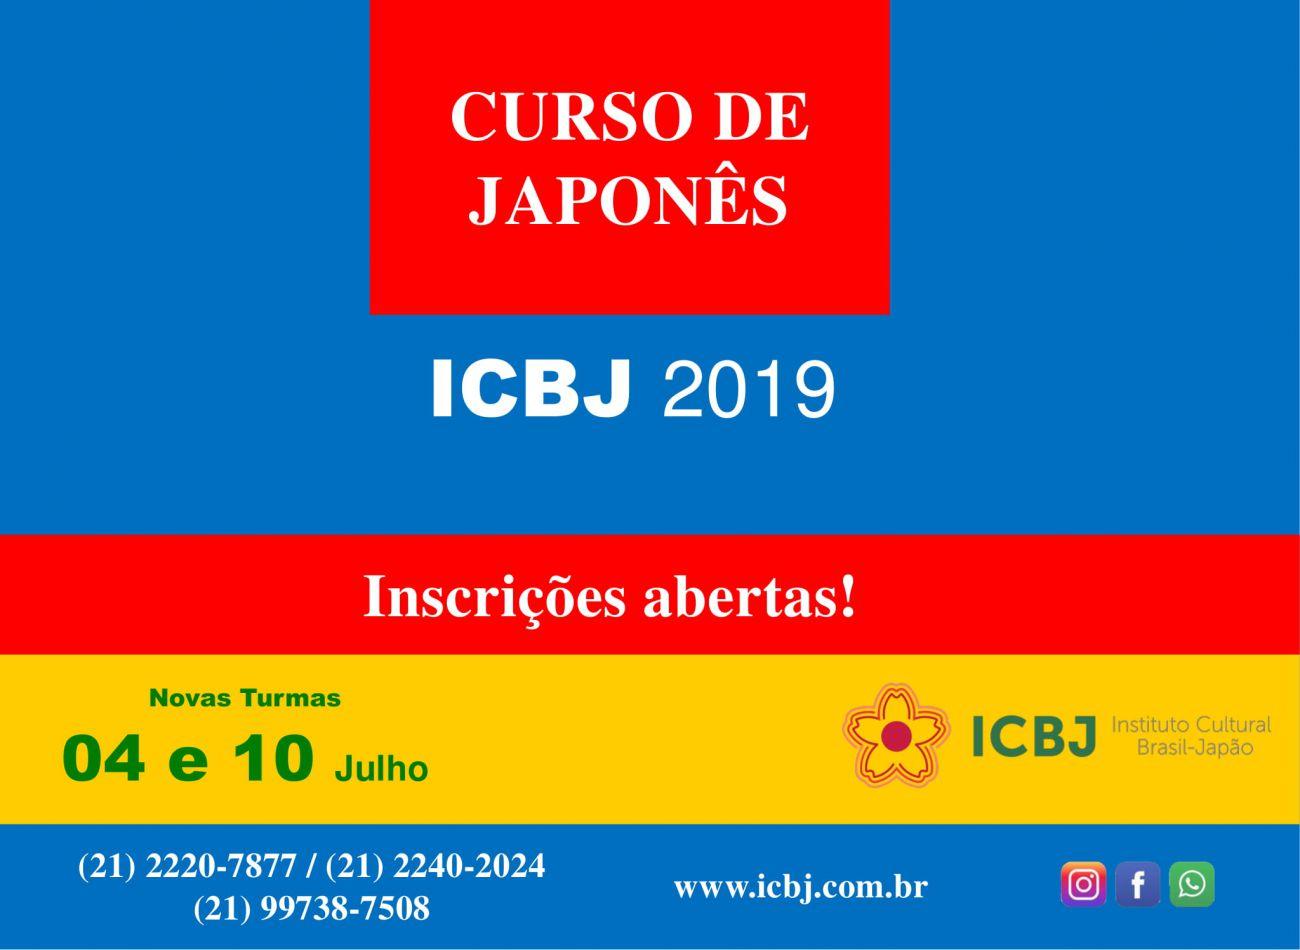 ICBJ_CURSO_DE_JAPONES_JULHO_2019-1